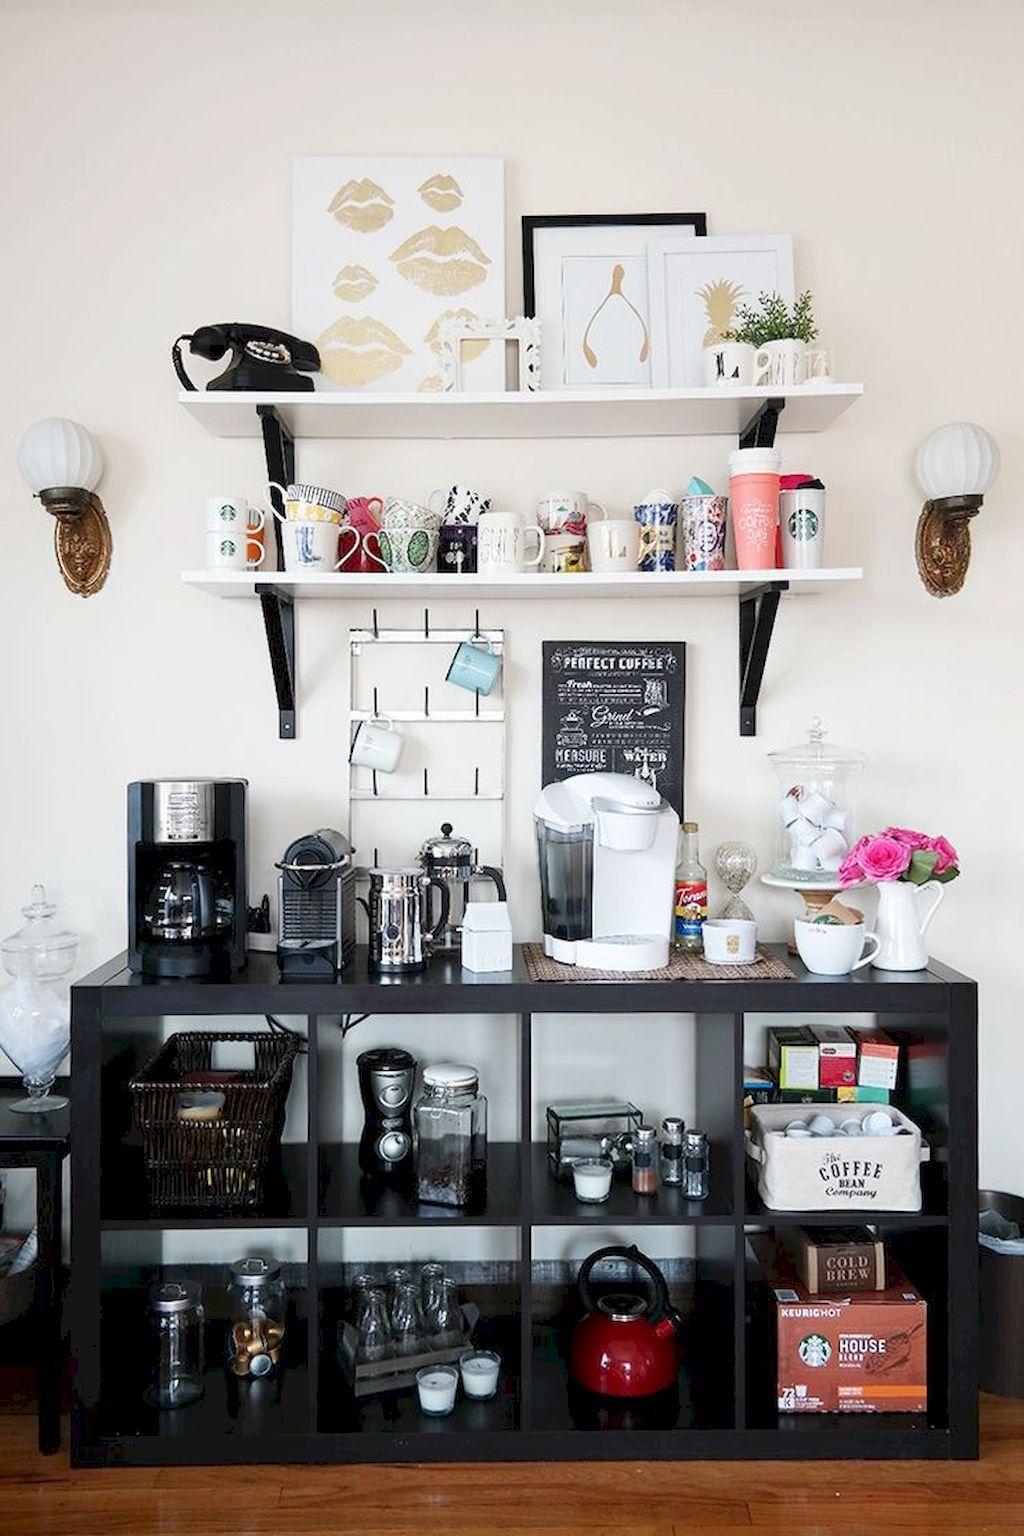 37 DIY Home Coffee Bar Ideas for Coffee Addict | Coffee bar ideas ...